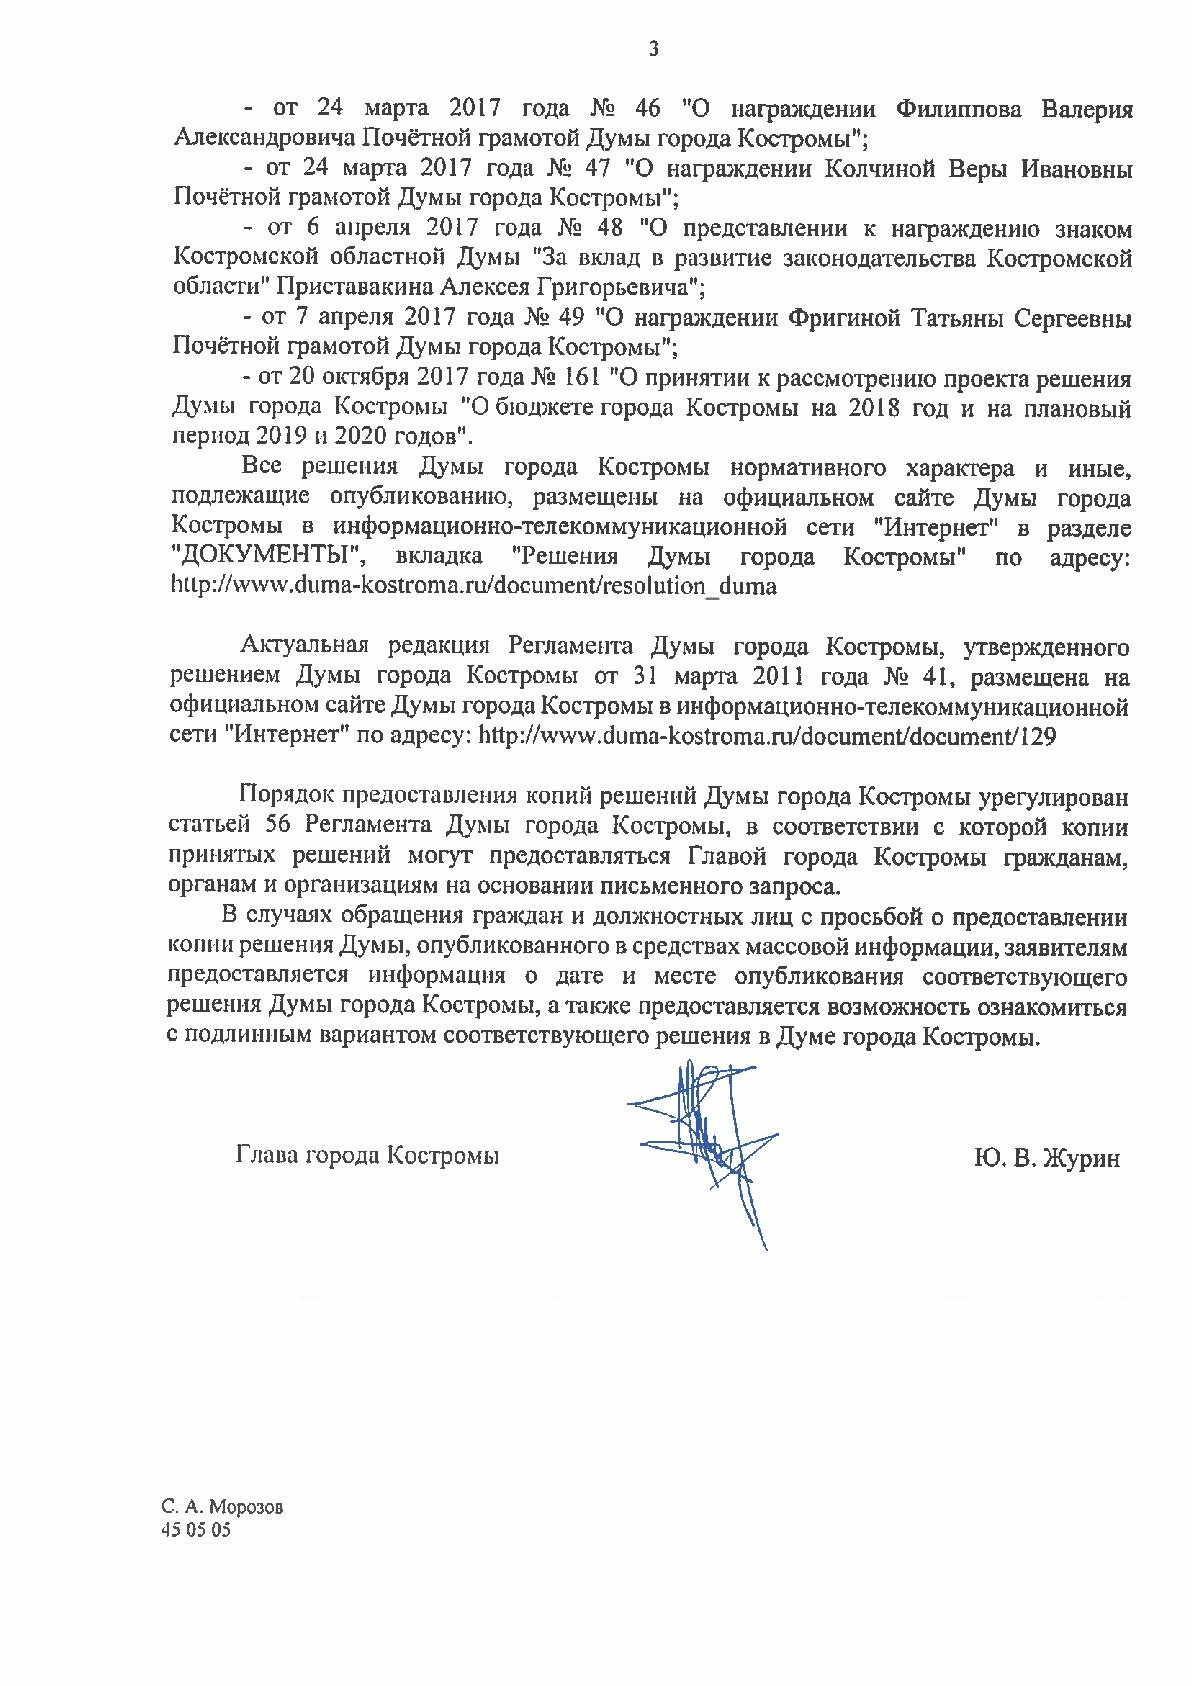 2018 Ответ из Думы города Костромы о поименном голосовании Стр 3